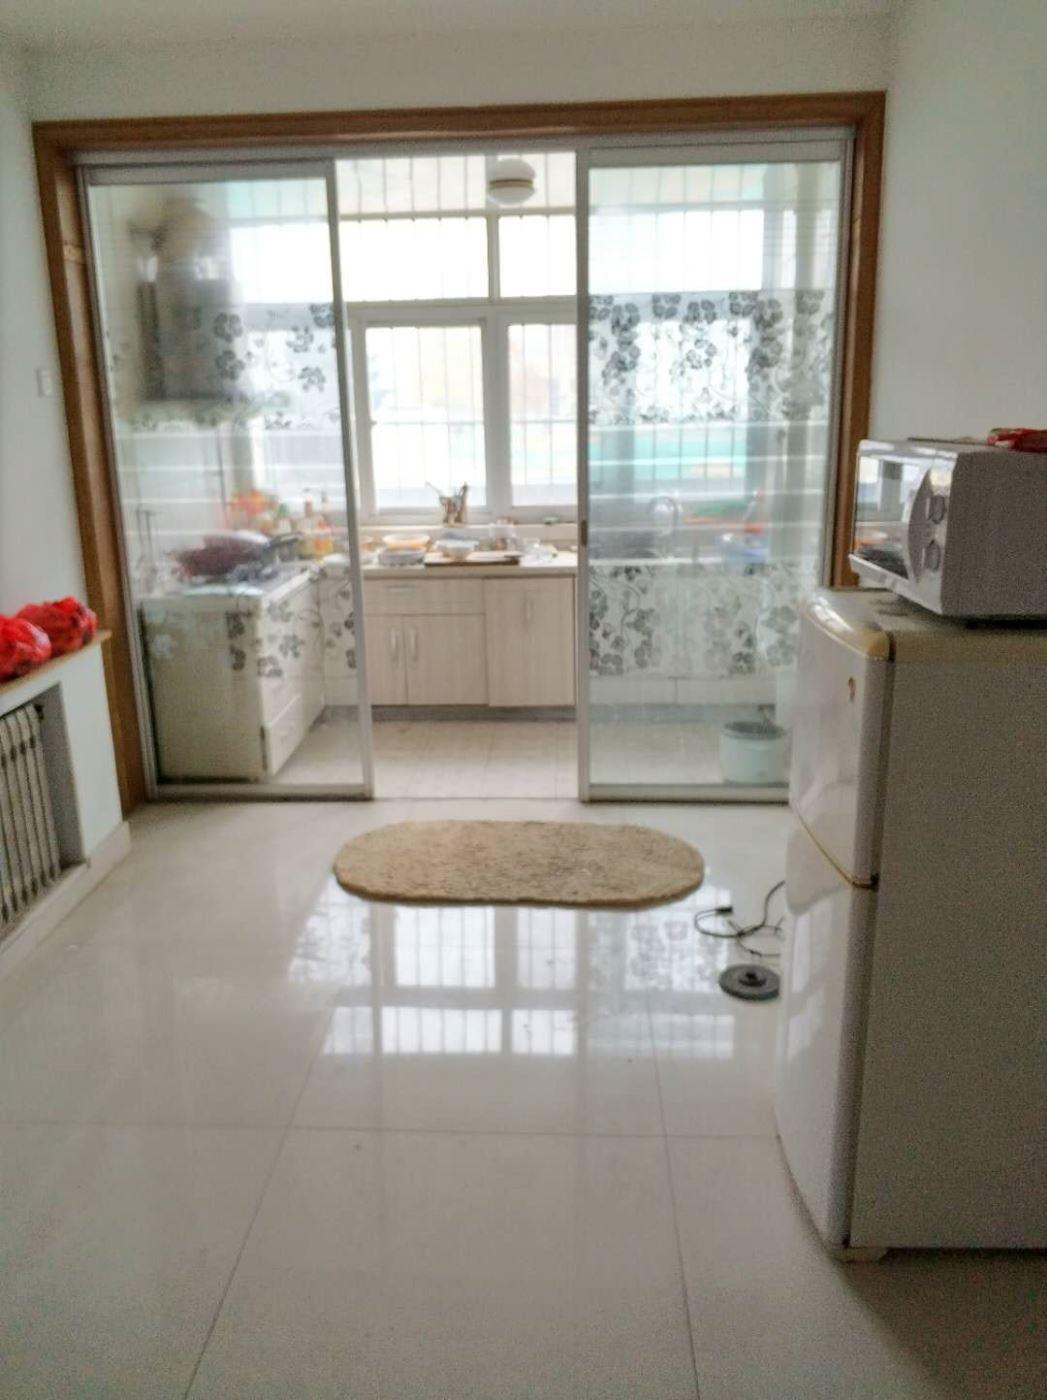 新世界花园 1400元 3室2厅1卫 中装,家具家电齐全